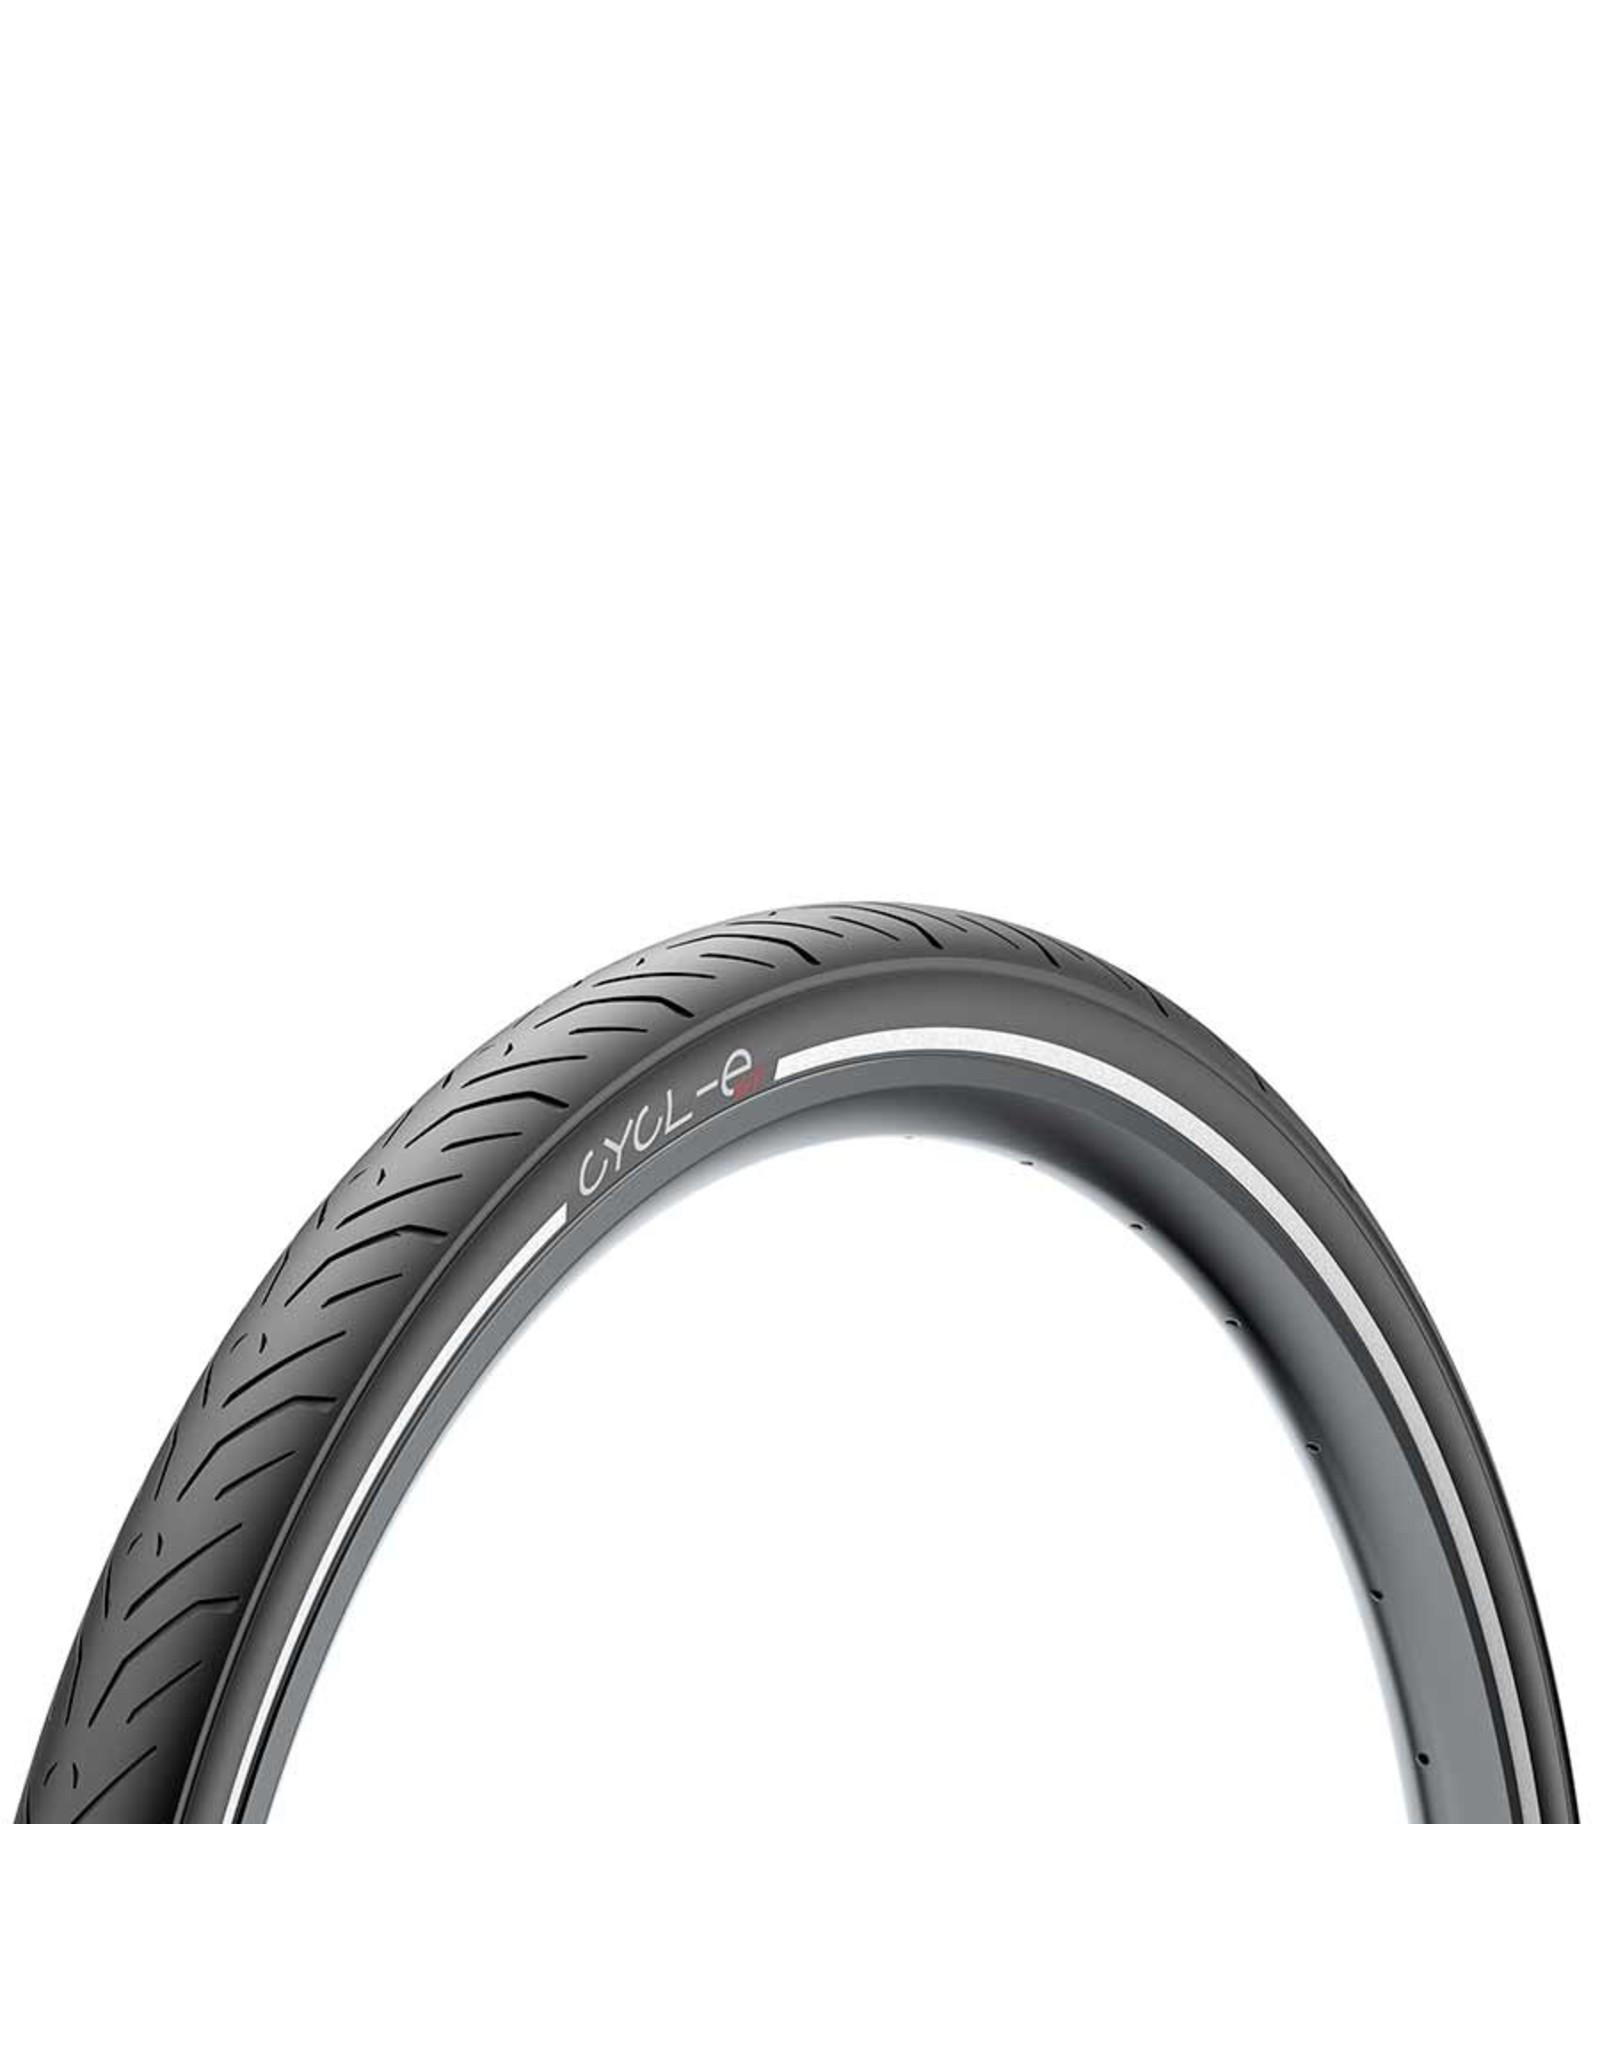 Pirelli, Cycl-e GT, Tire, 700x40C, Wire, Clincher, Black